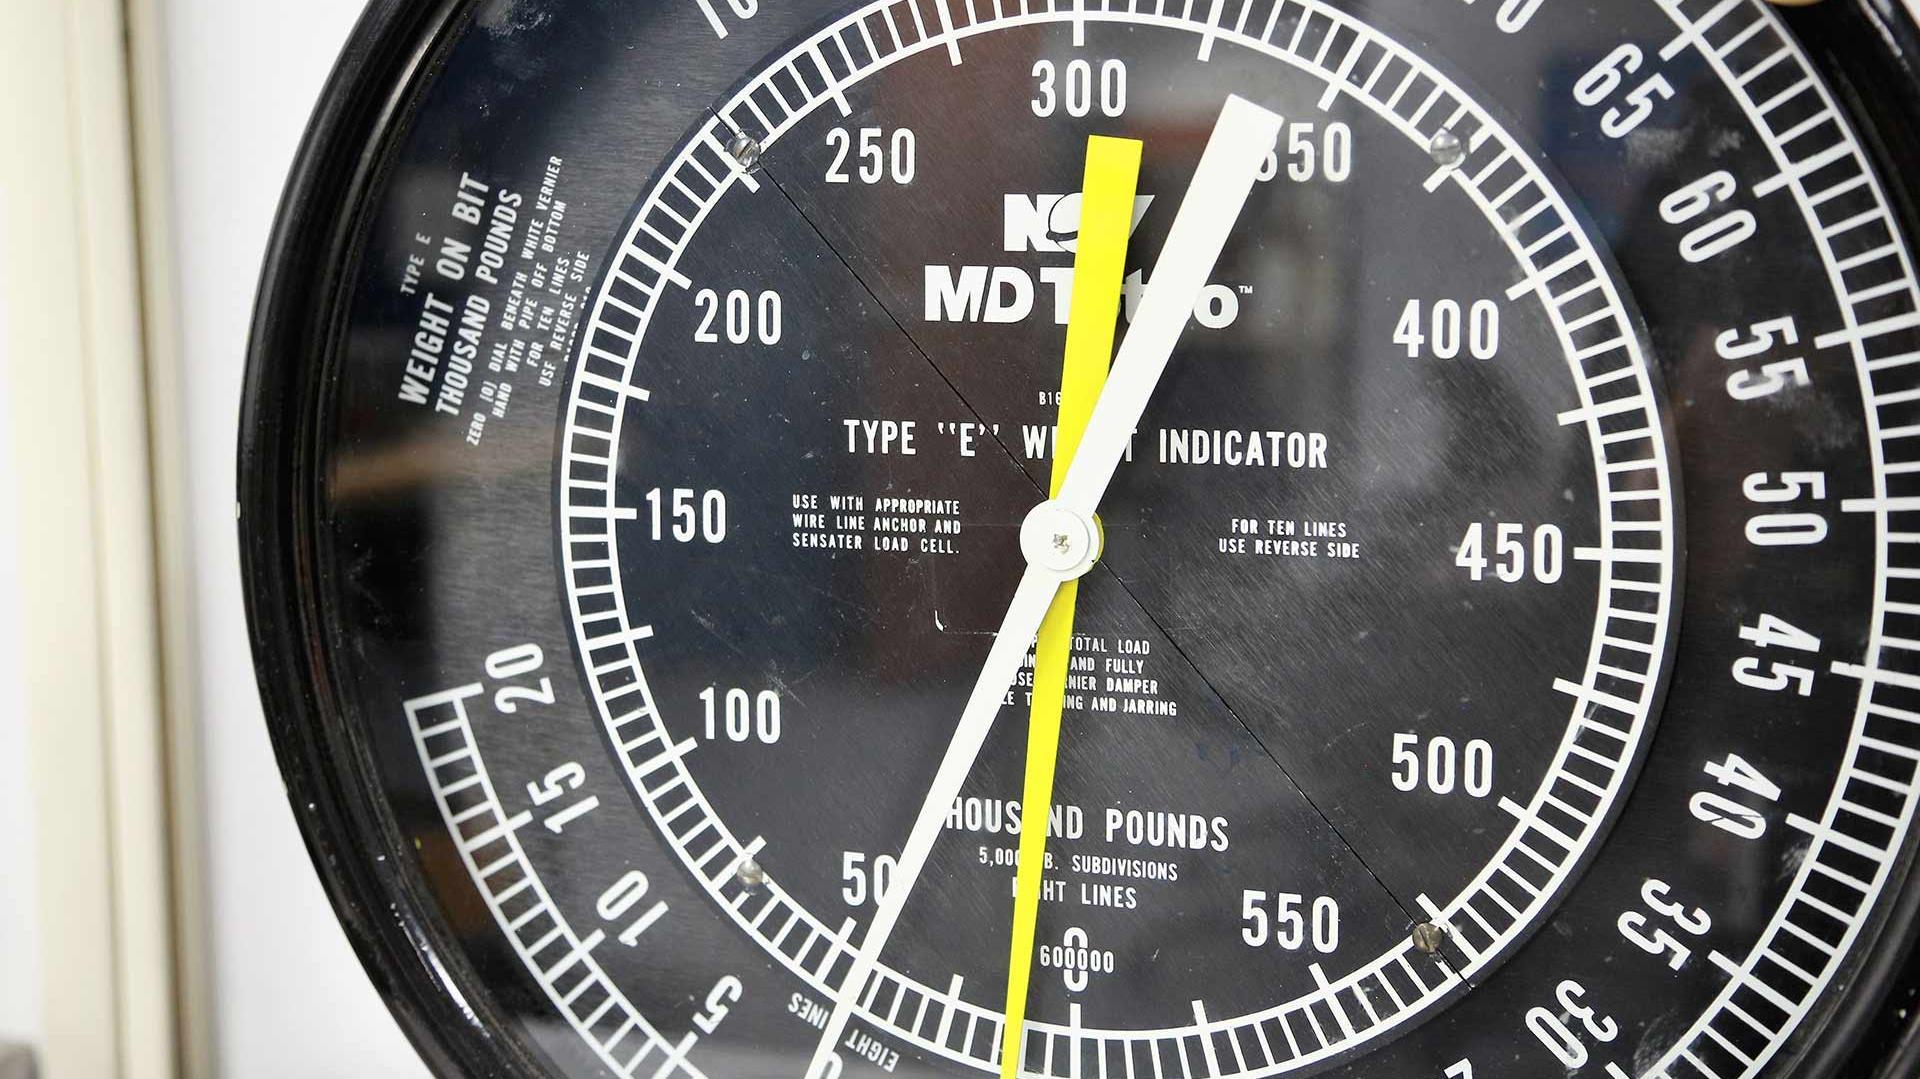 A closeup of a weight indicator